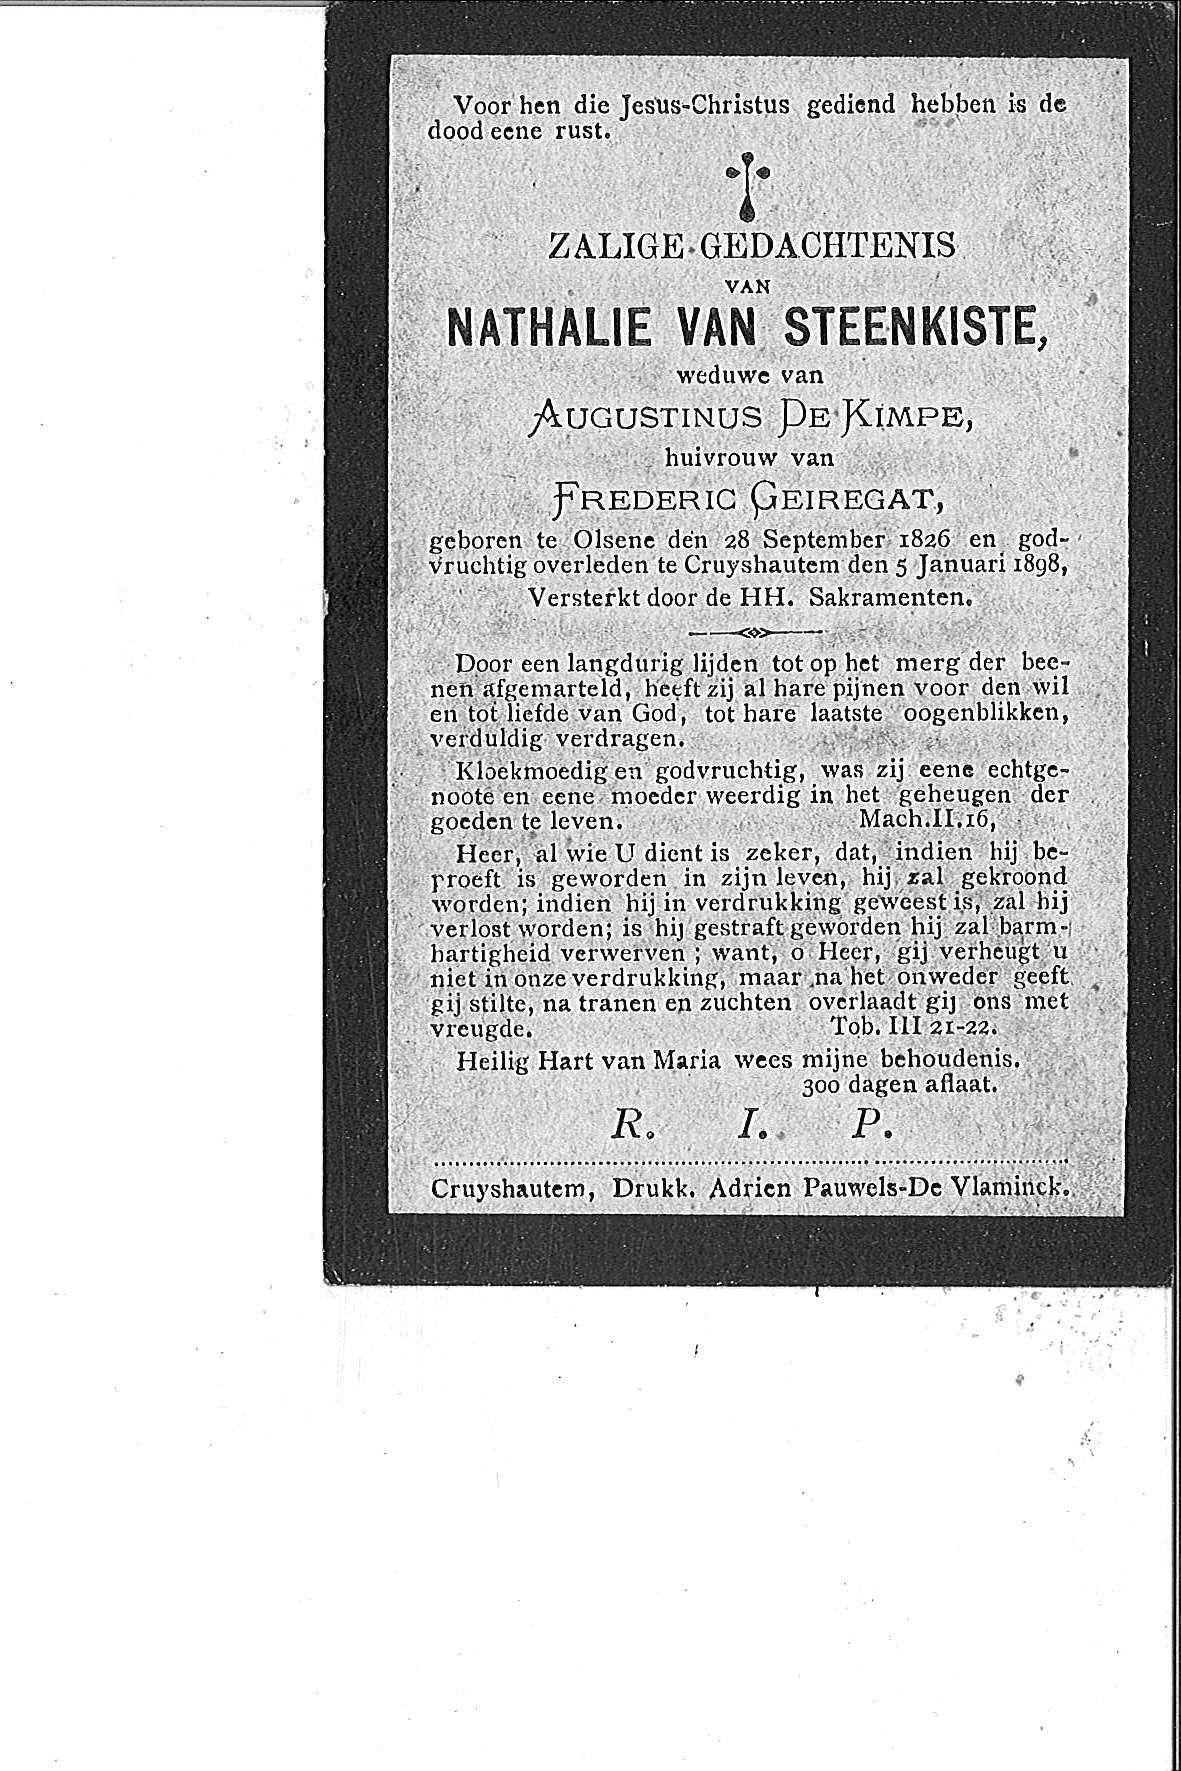 Nathalie(1898)20150707162454_00026.jpg